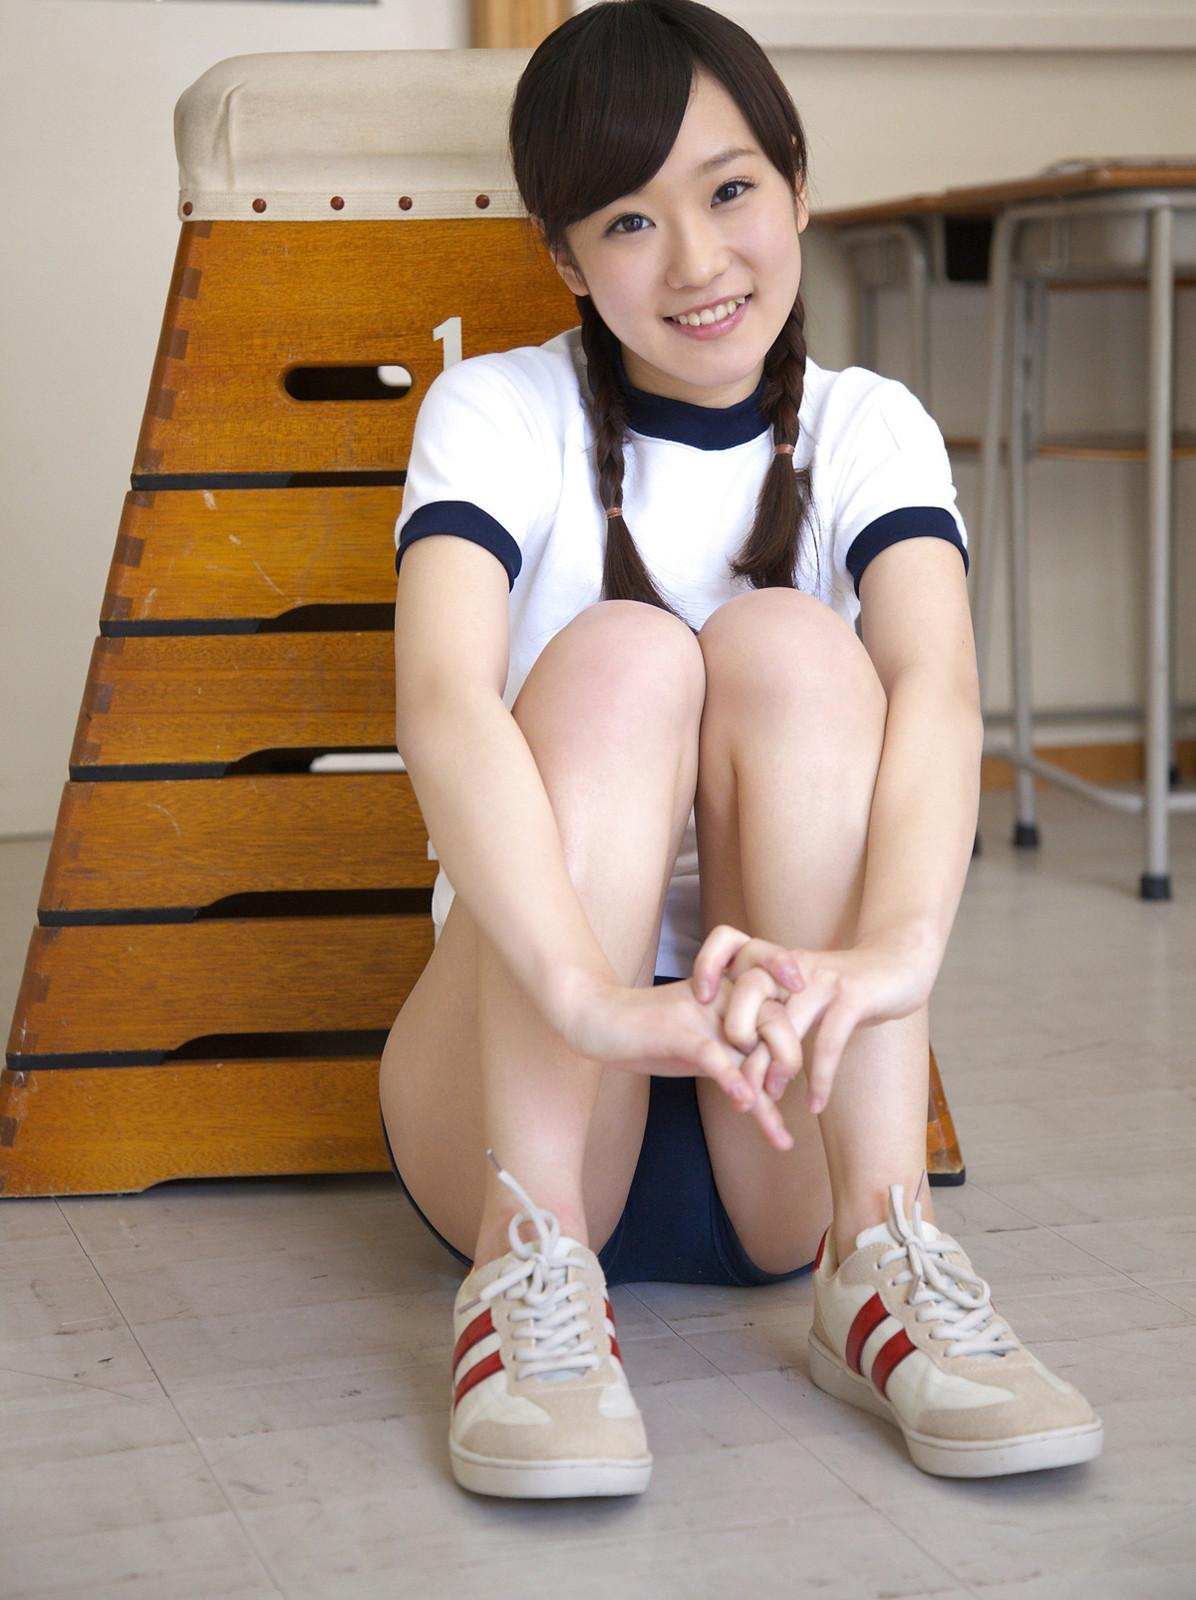 ブルマ 体操服 体育座り 青春 股間 エロ画像【9】